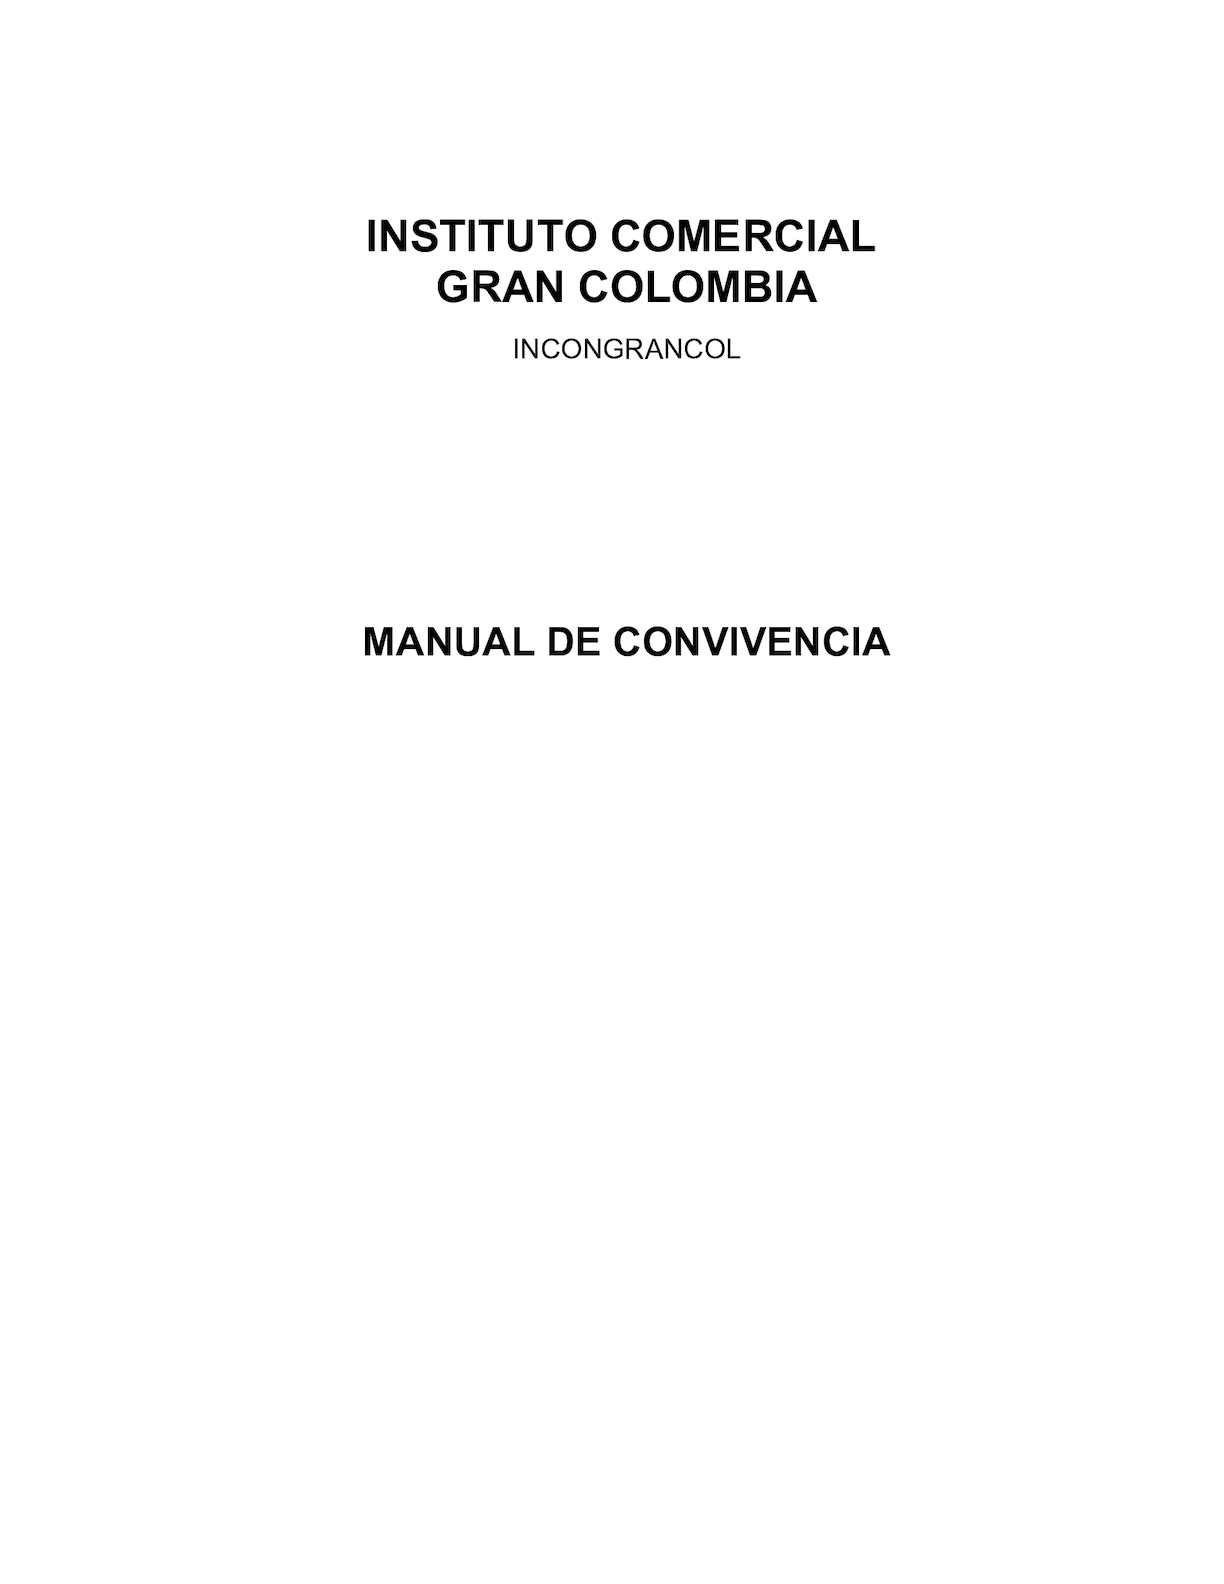 Calaméo - Manual De Convivencia 03 Dic 2014 (21 Ene 2015)